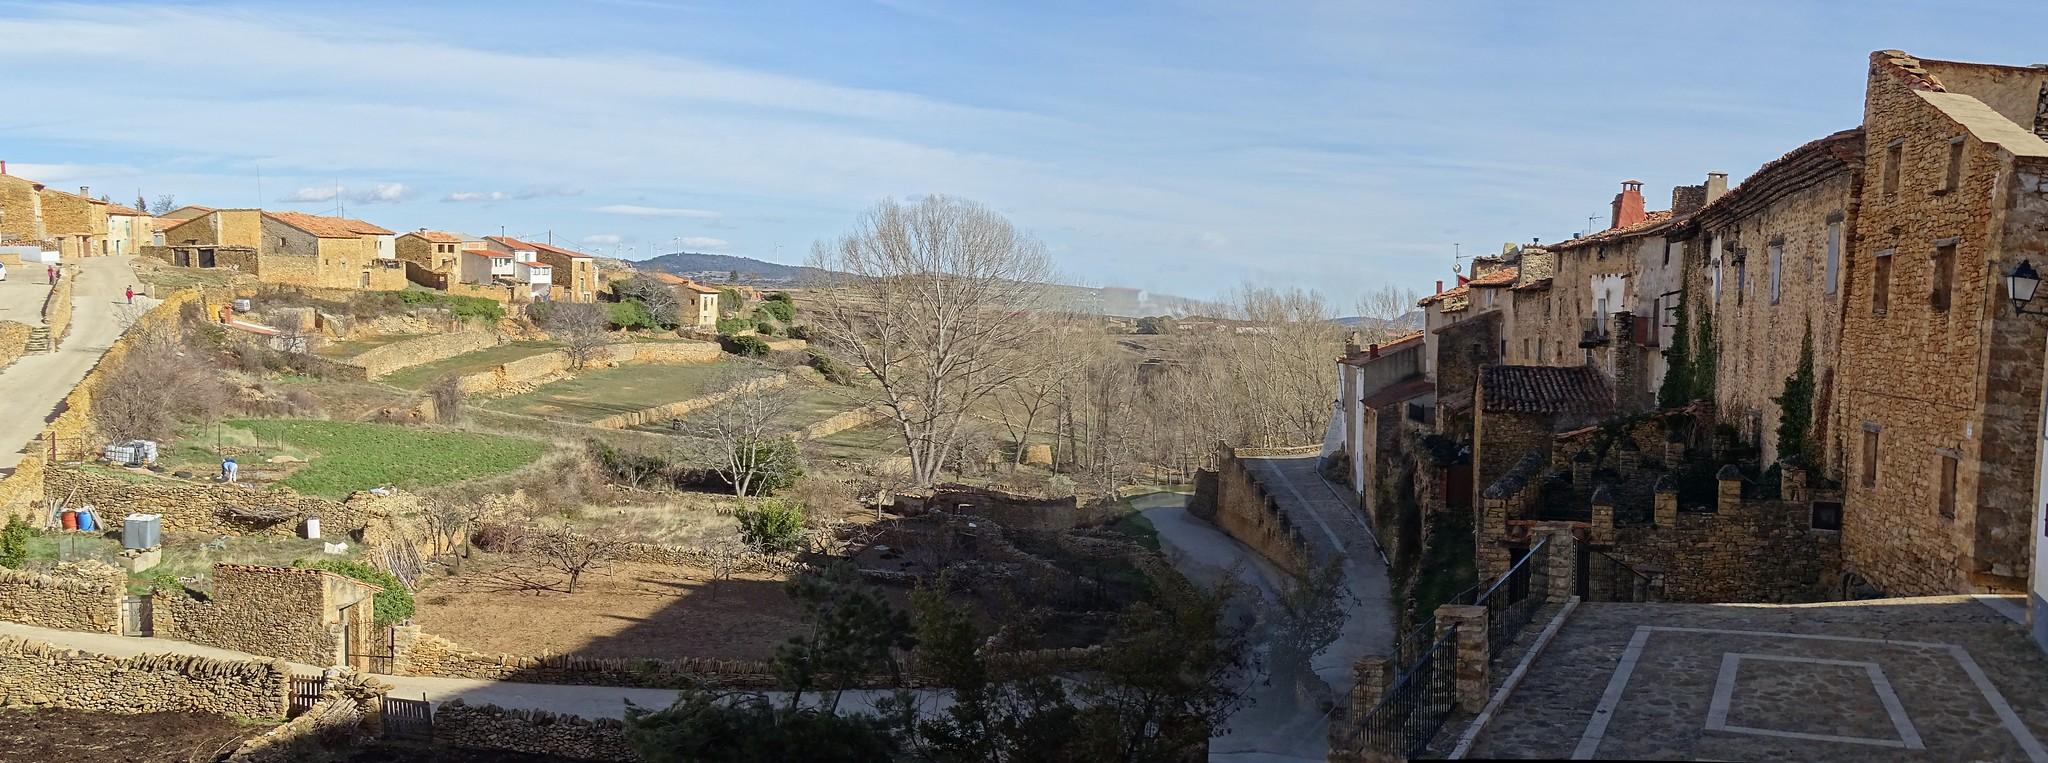 vistas La Iglesuela del Cid Calles Medievales Comarca del Maestrazgo Teruel